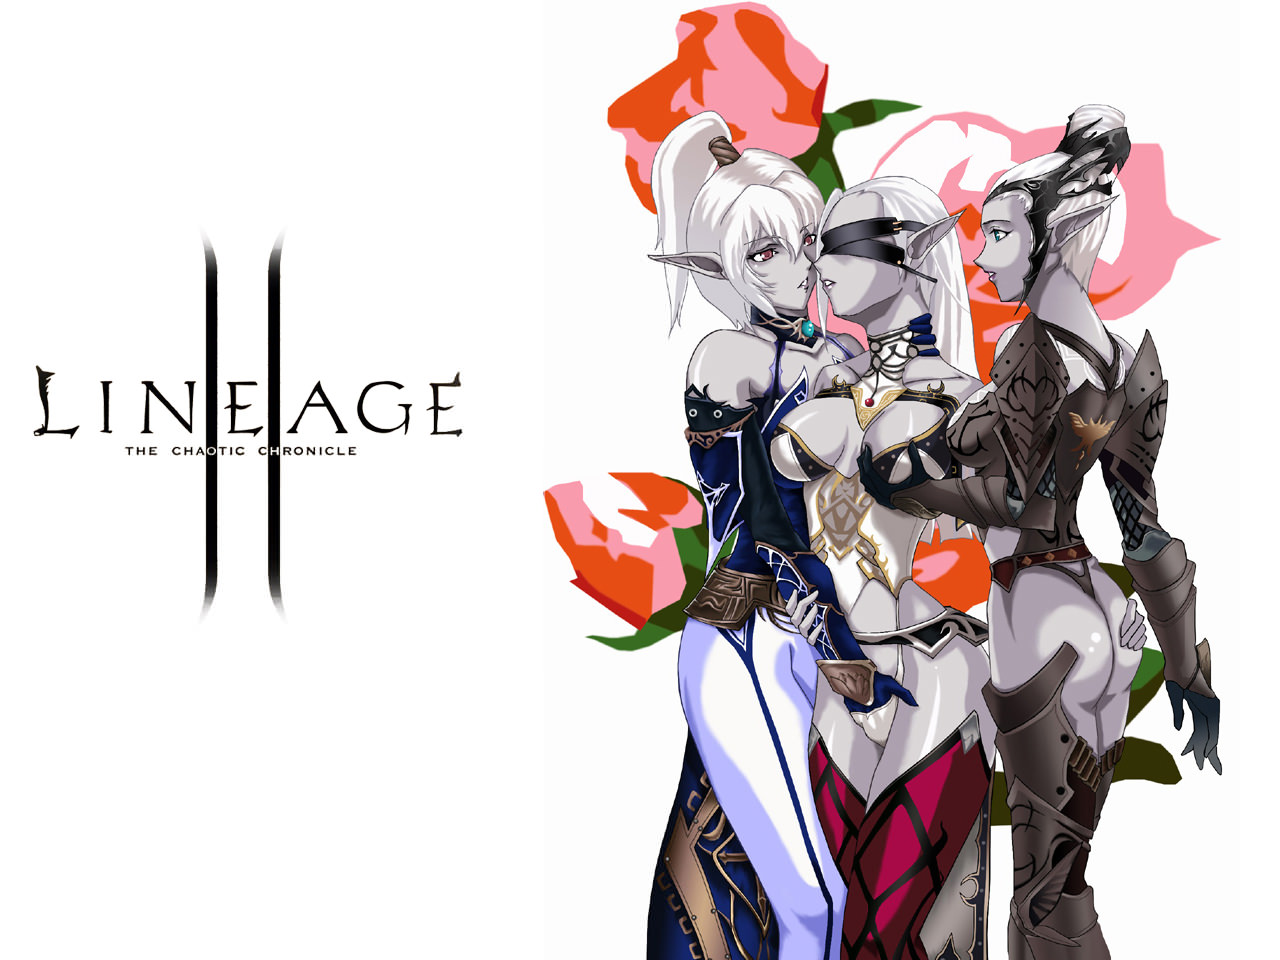 Хентай lineage 2 6 фотография